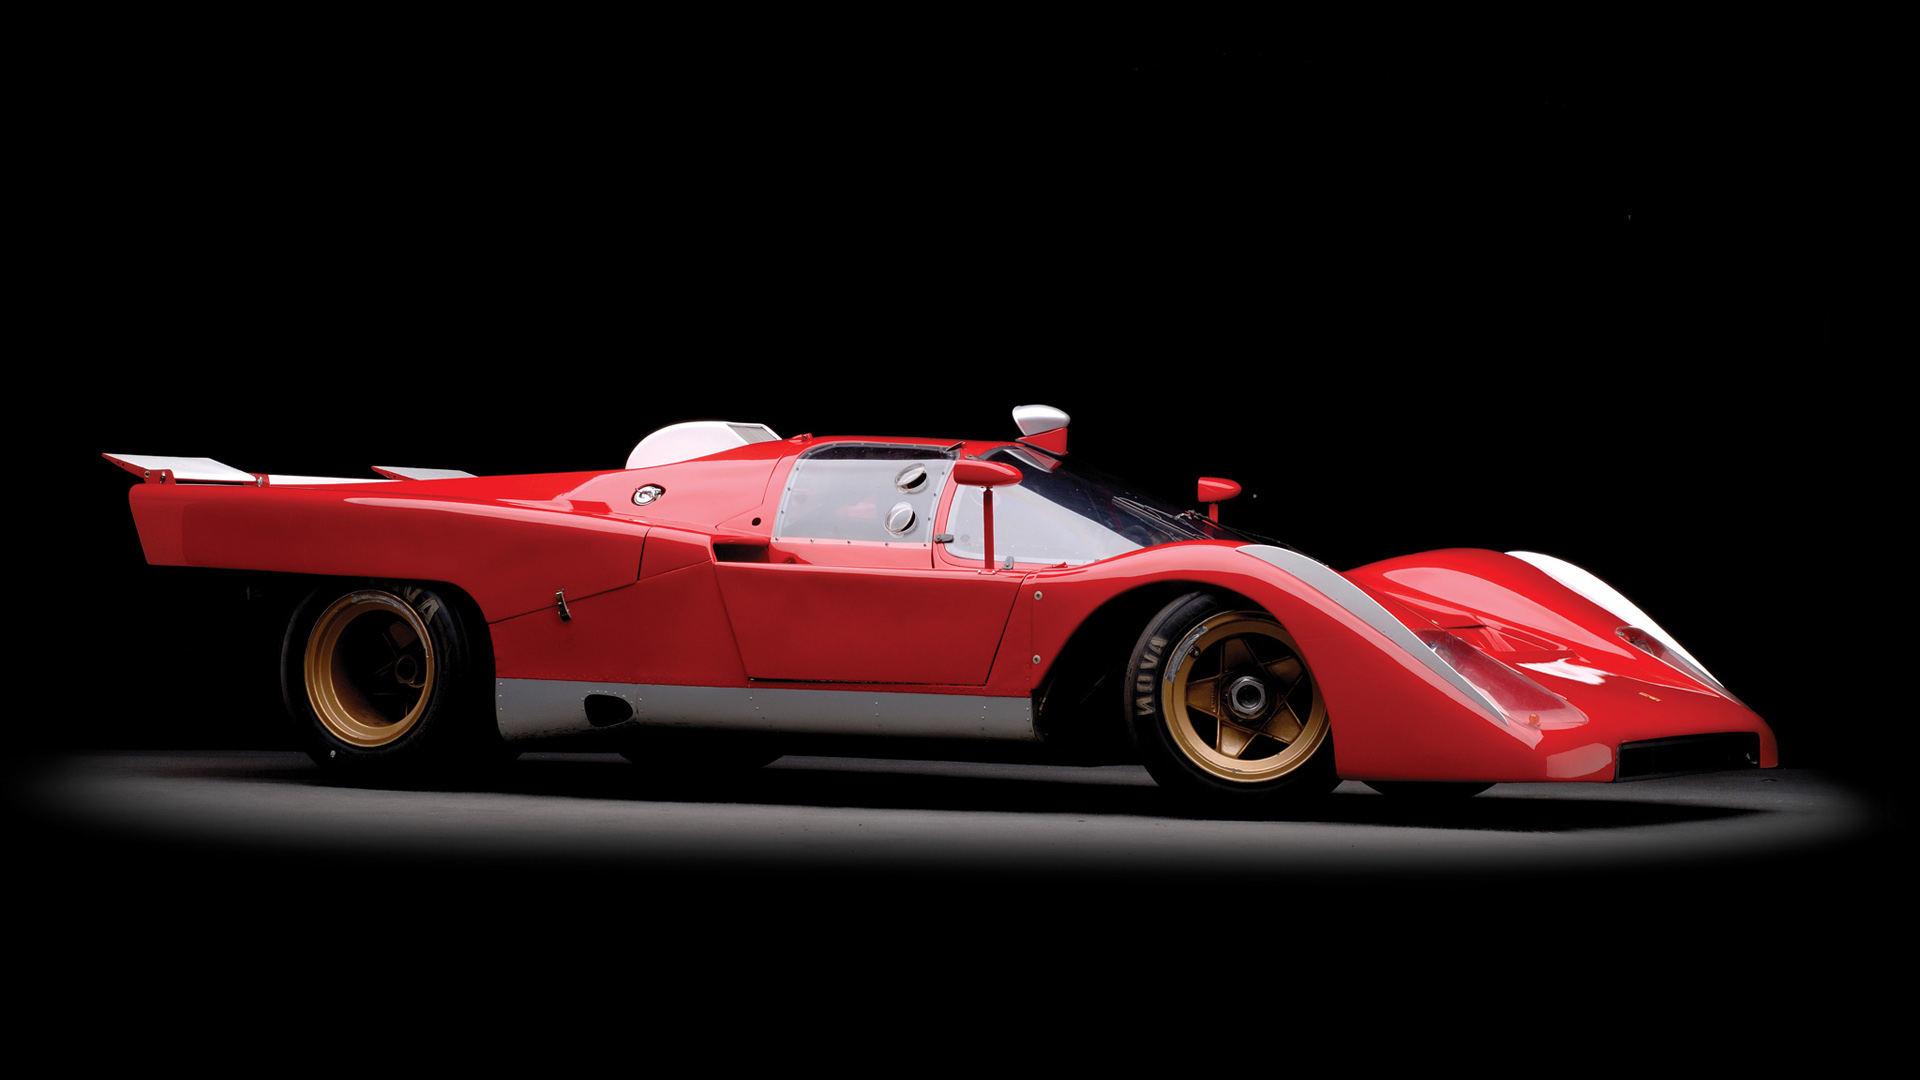 1970 Ferrari 512 M